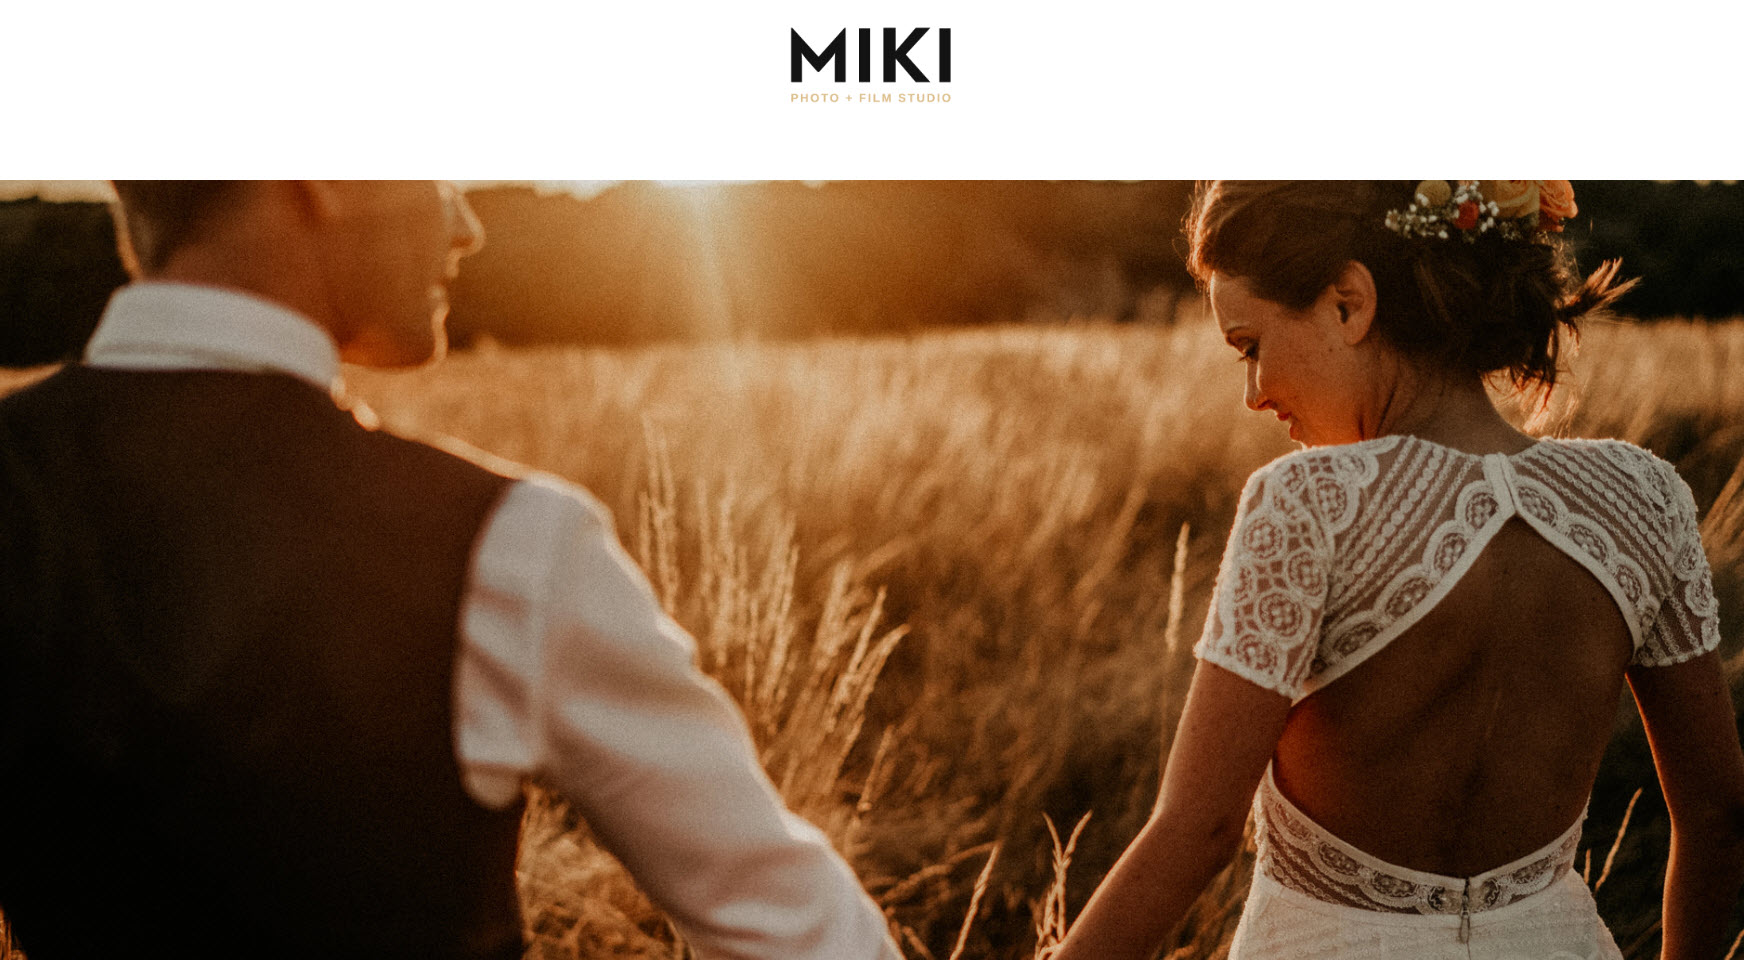 Miki Studios